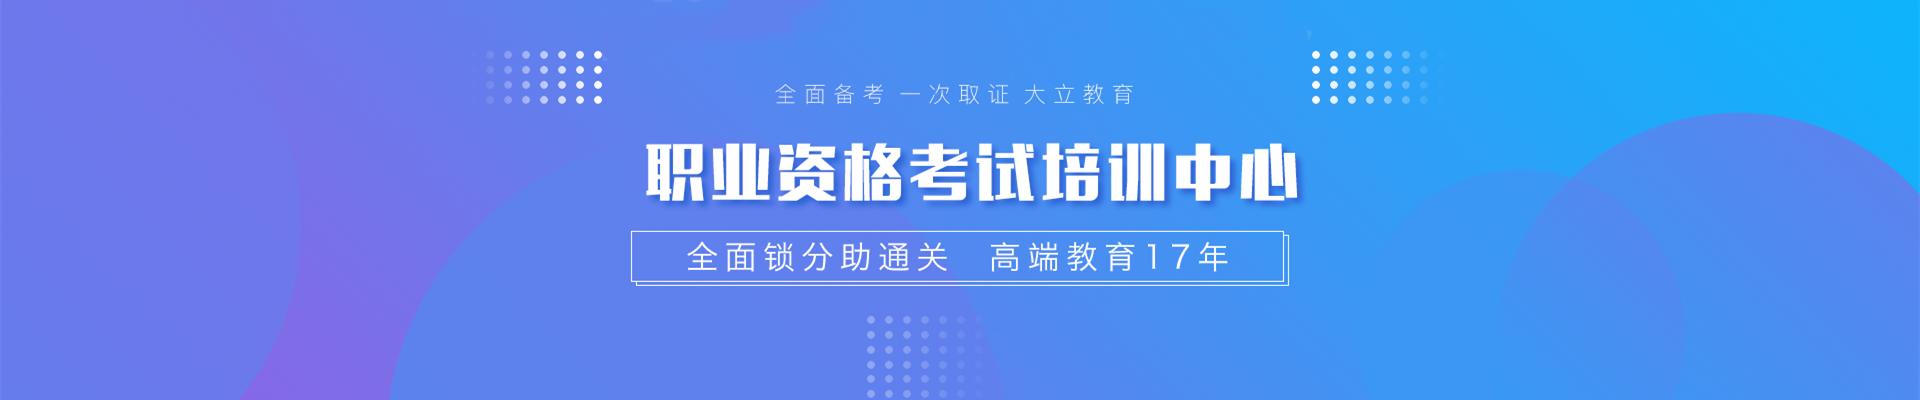 大立教育山东烟台培训学校